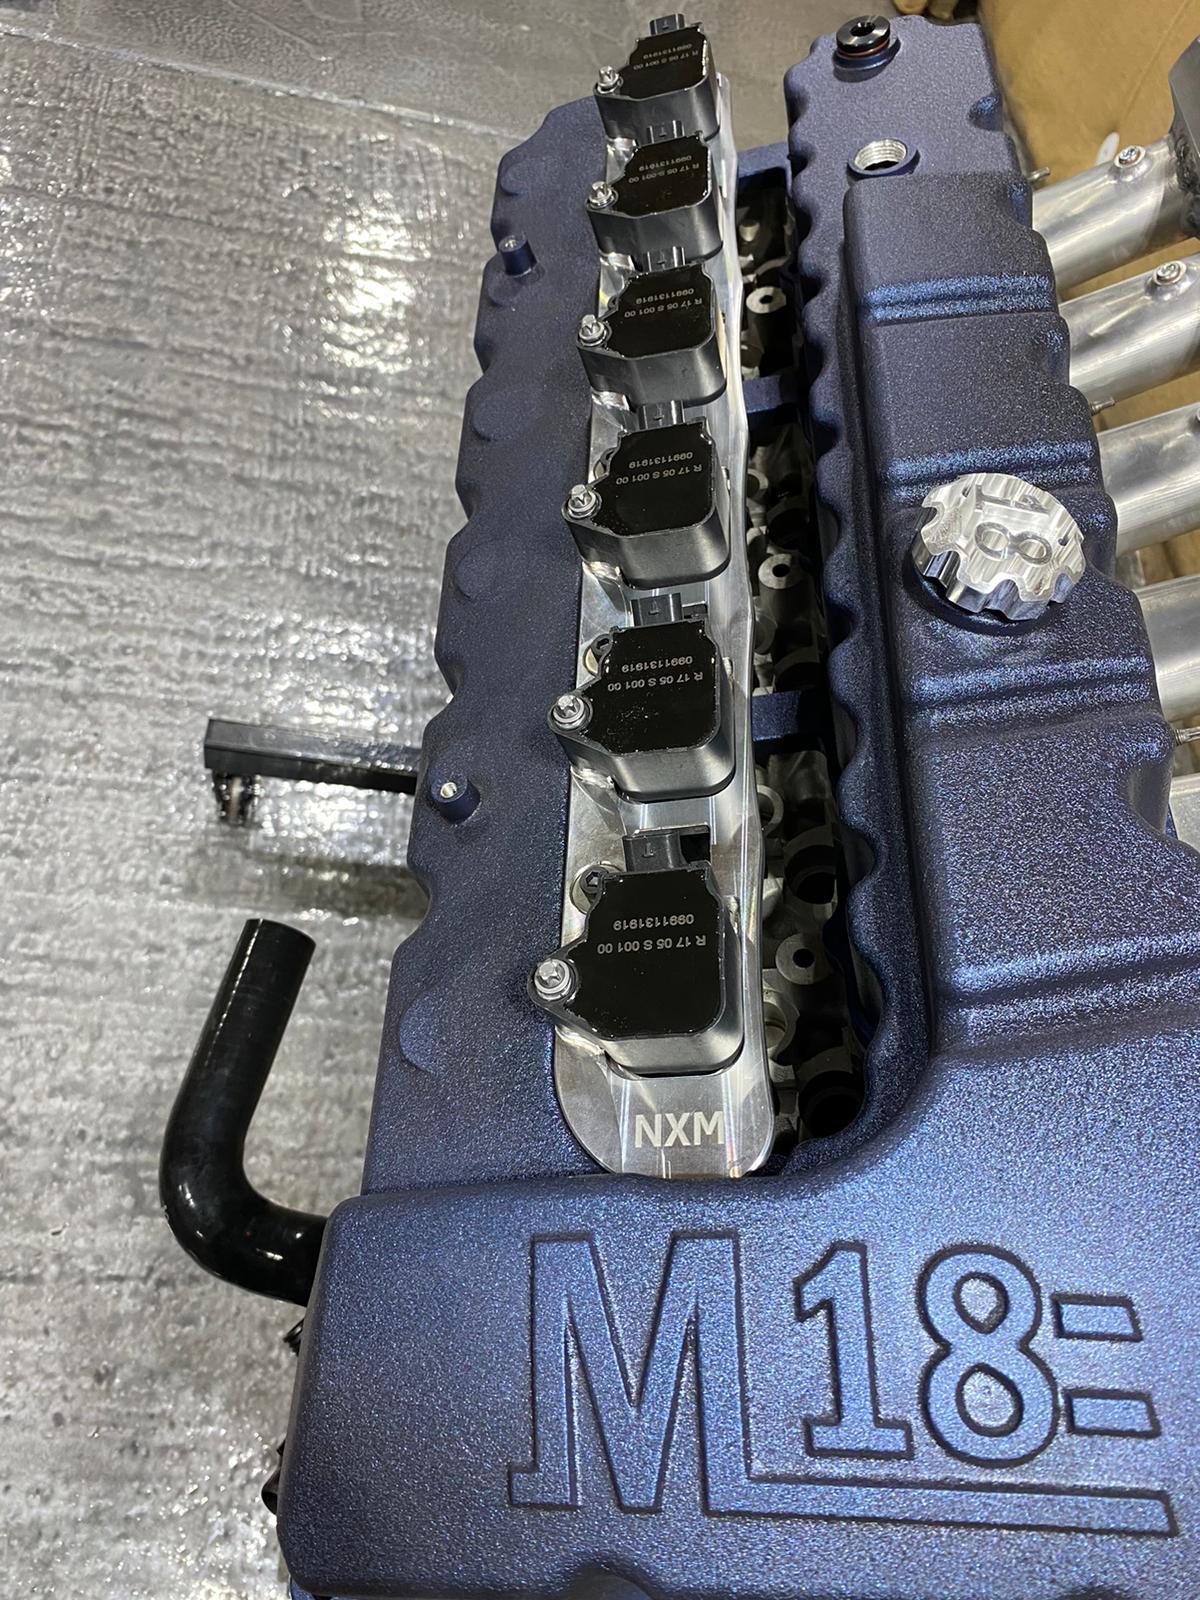 M18_2.jpeg